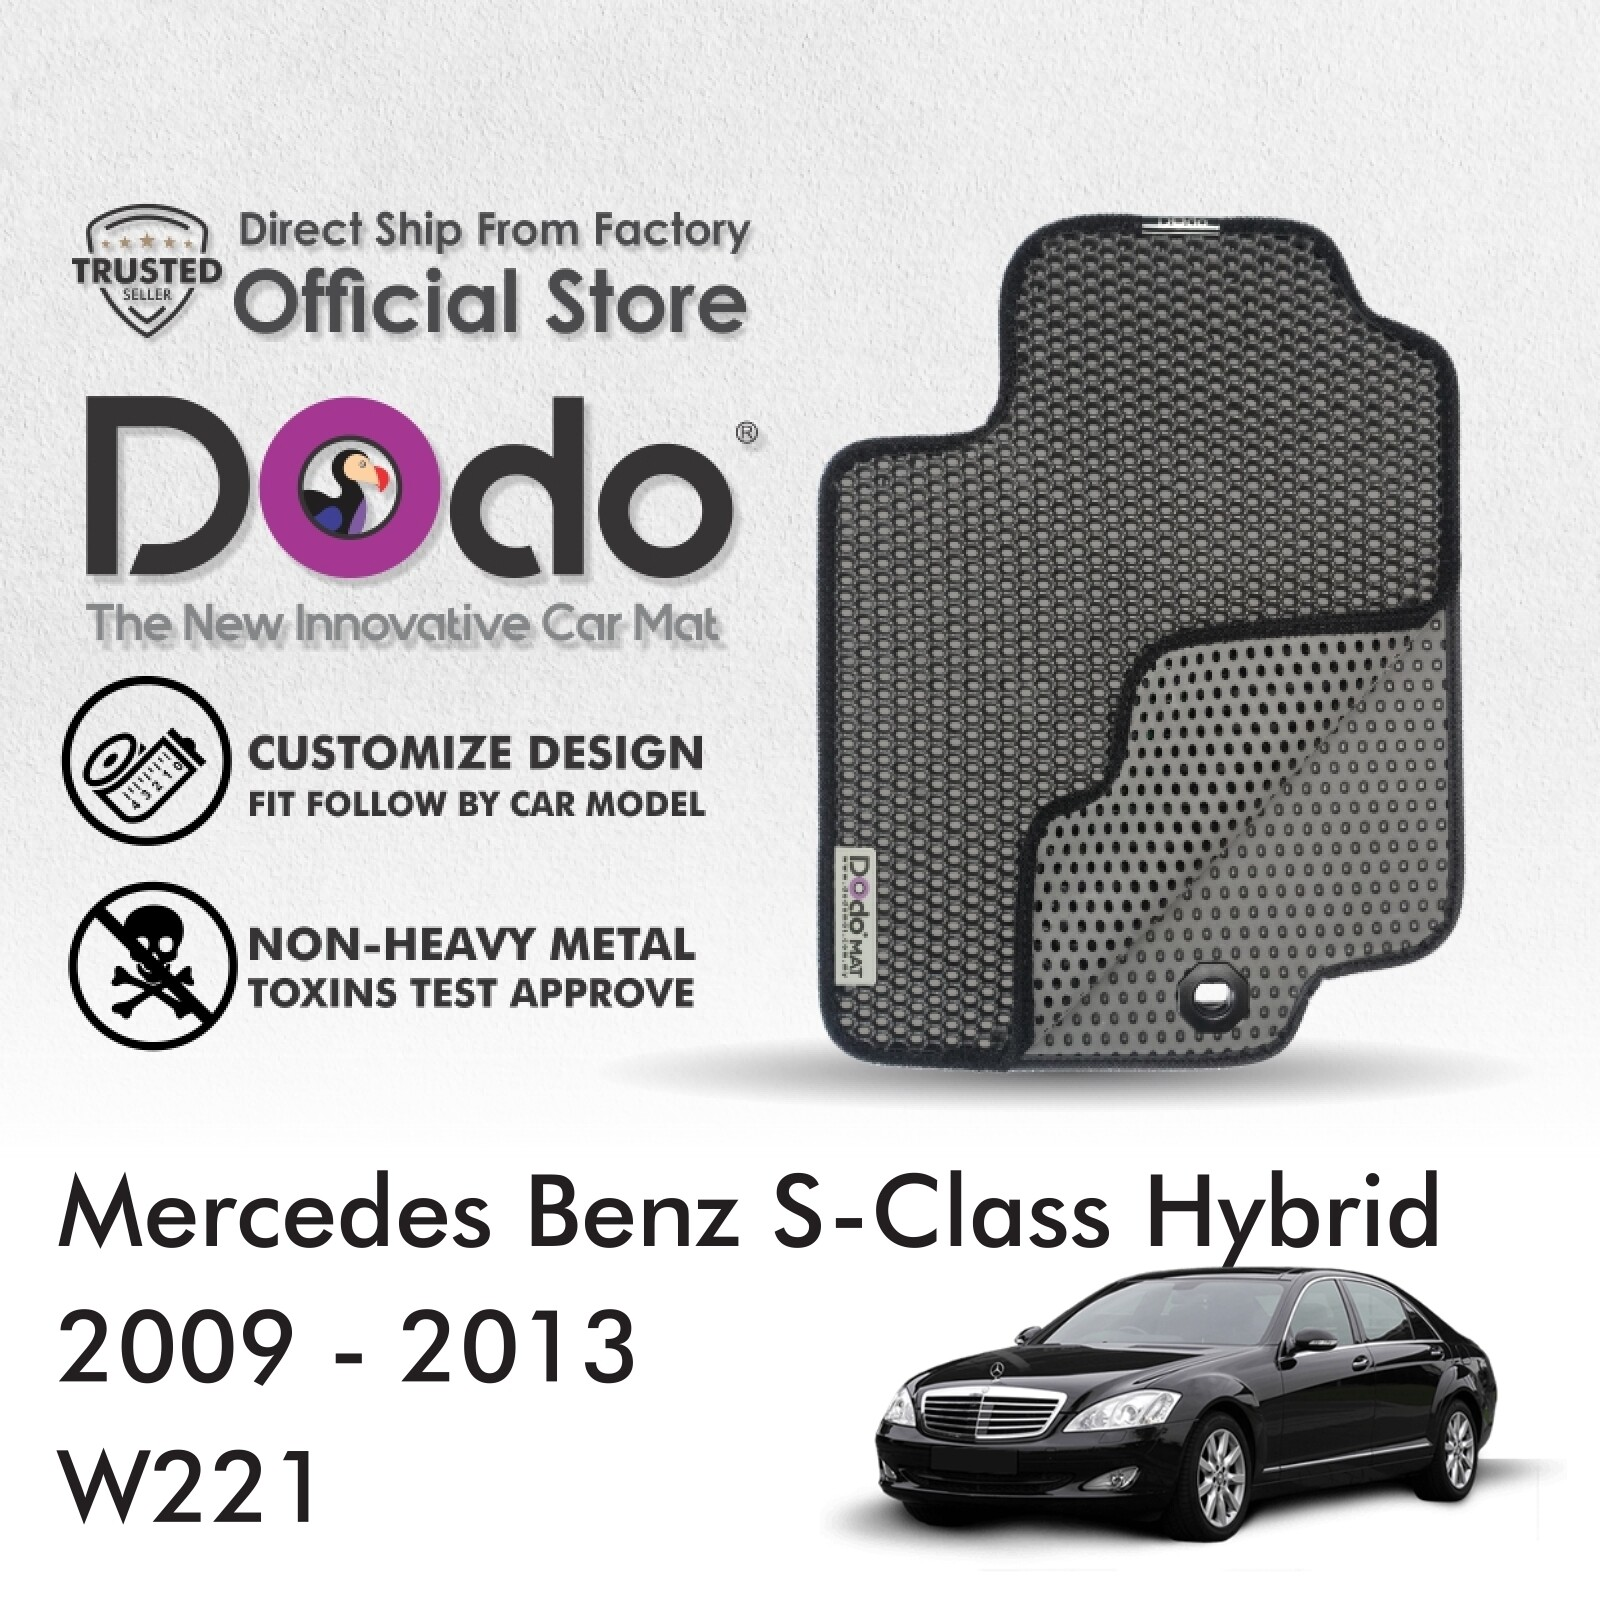 Dodo® Car Mat / Mercedes Benz S-Class Hybrid / 2009 - 2013 / W221